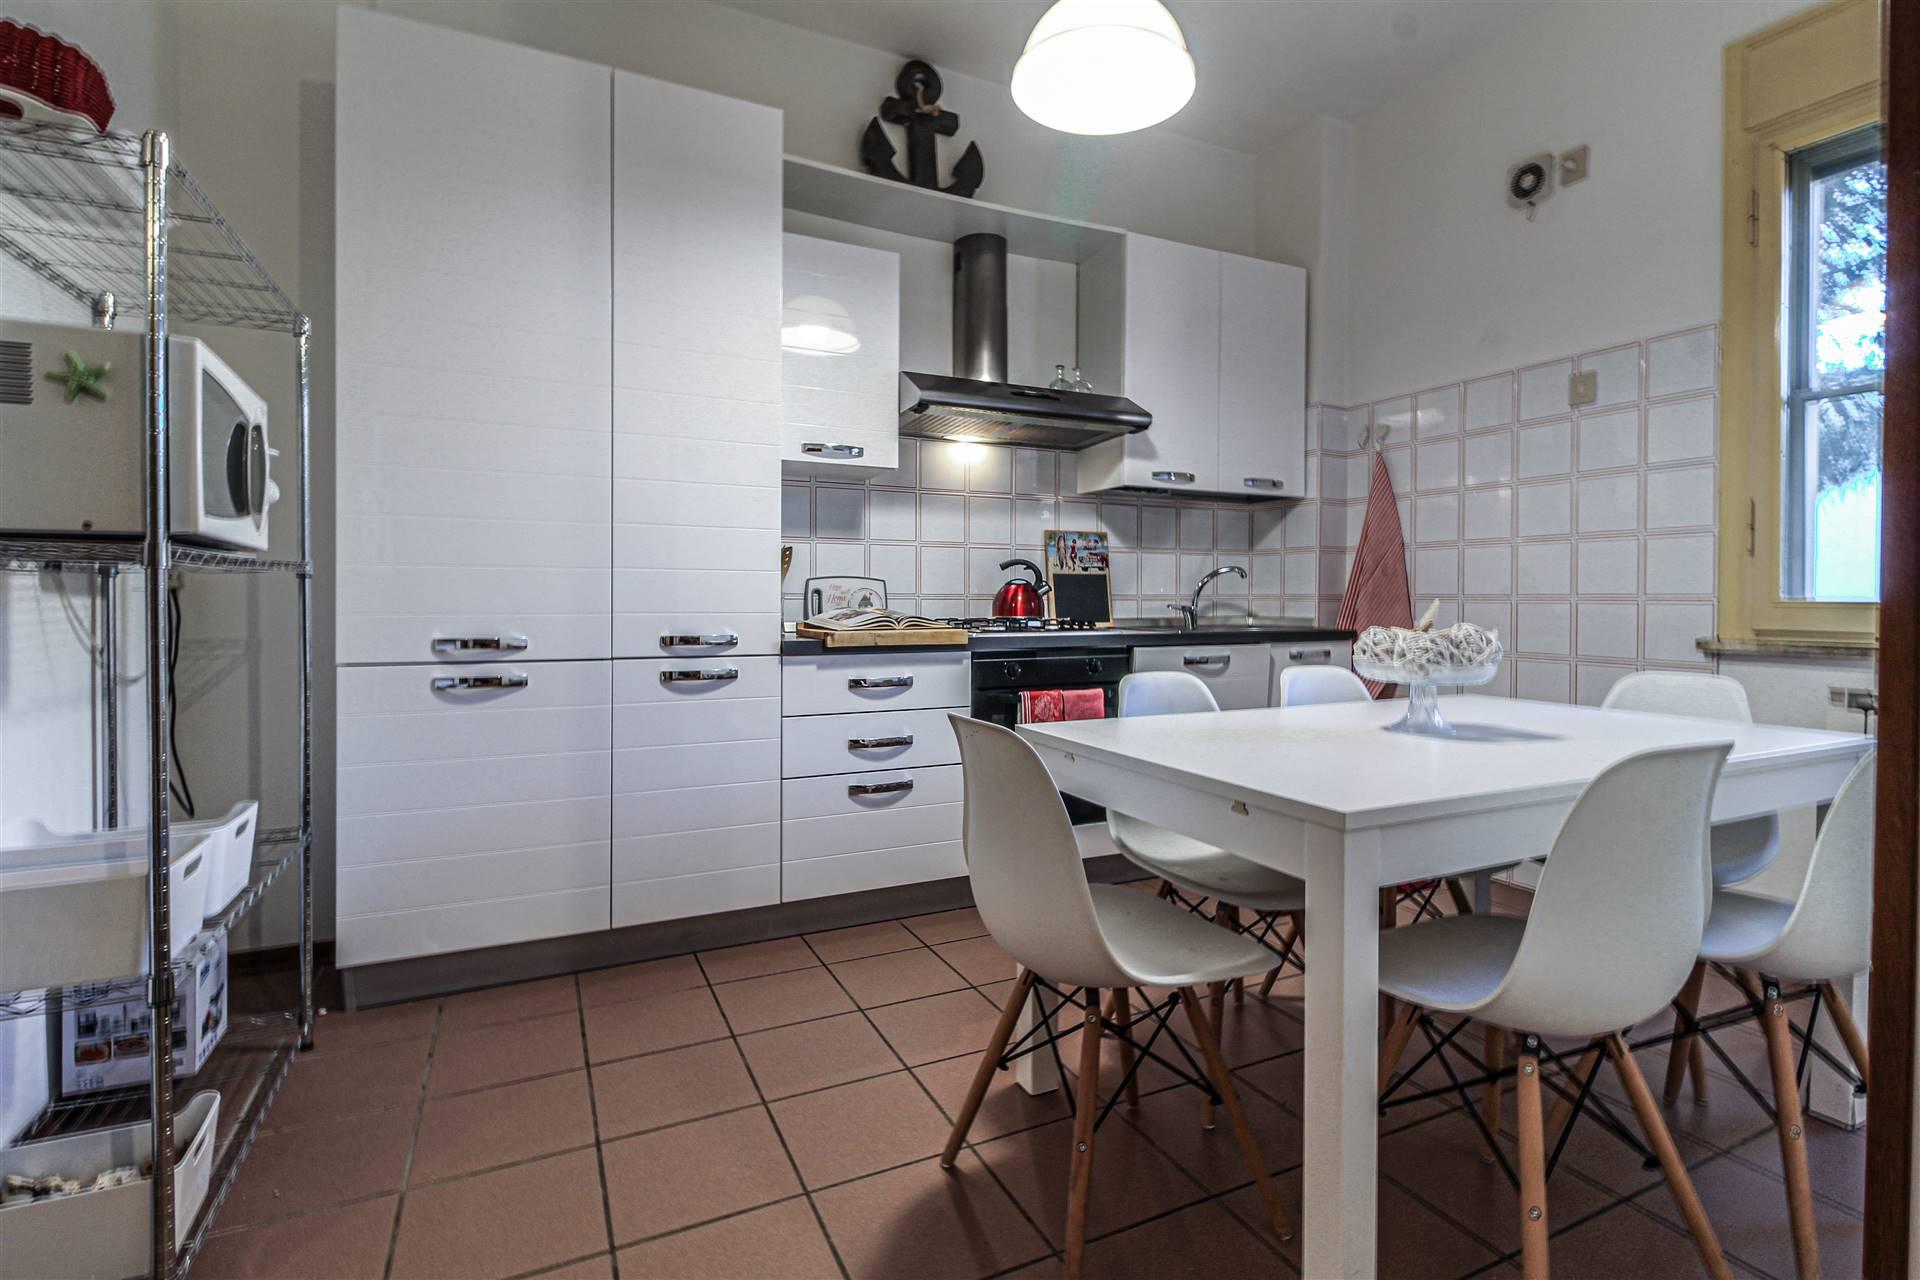 Appartamento in vendita a Ravenna, 6 locali, zona Zona: Marina Romea, prezzo € 158.000 | CambioCasa.it